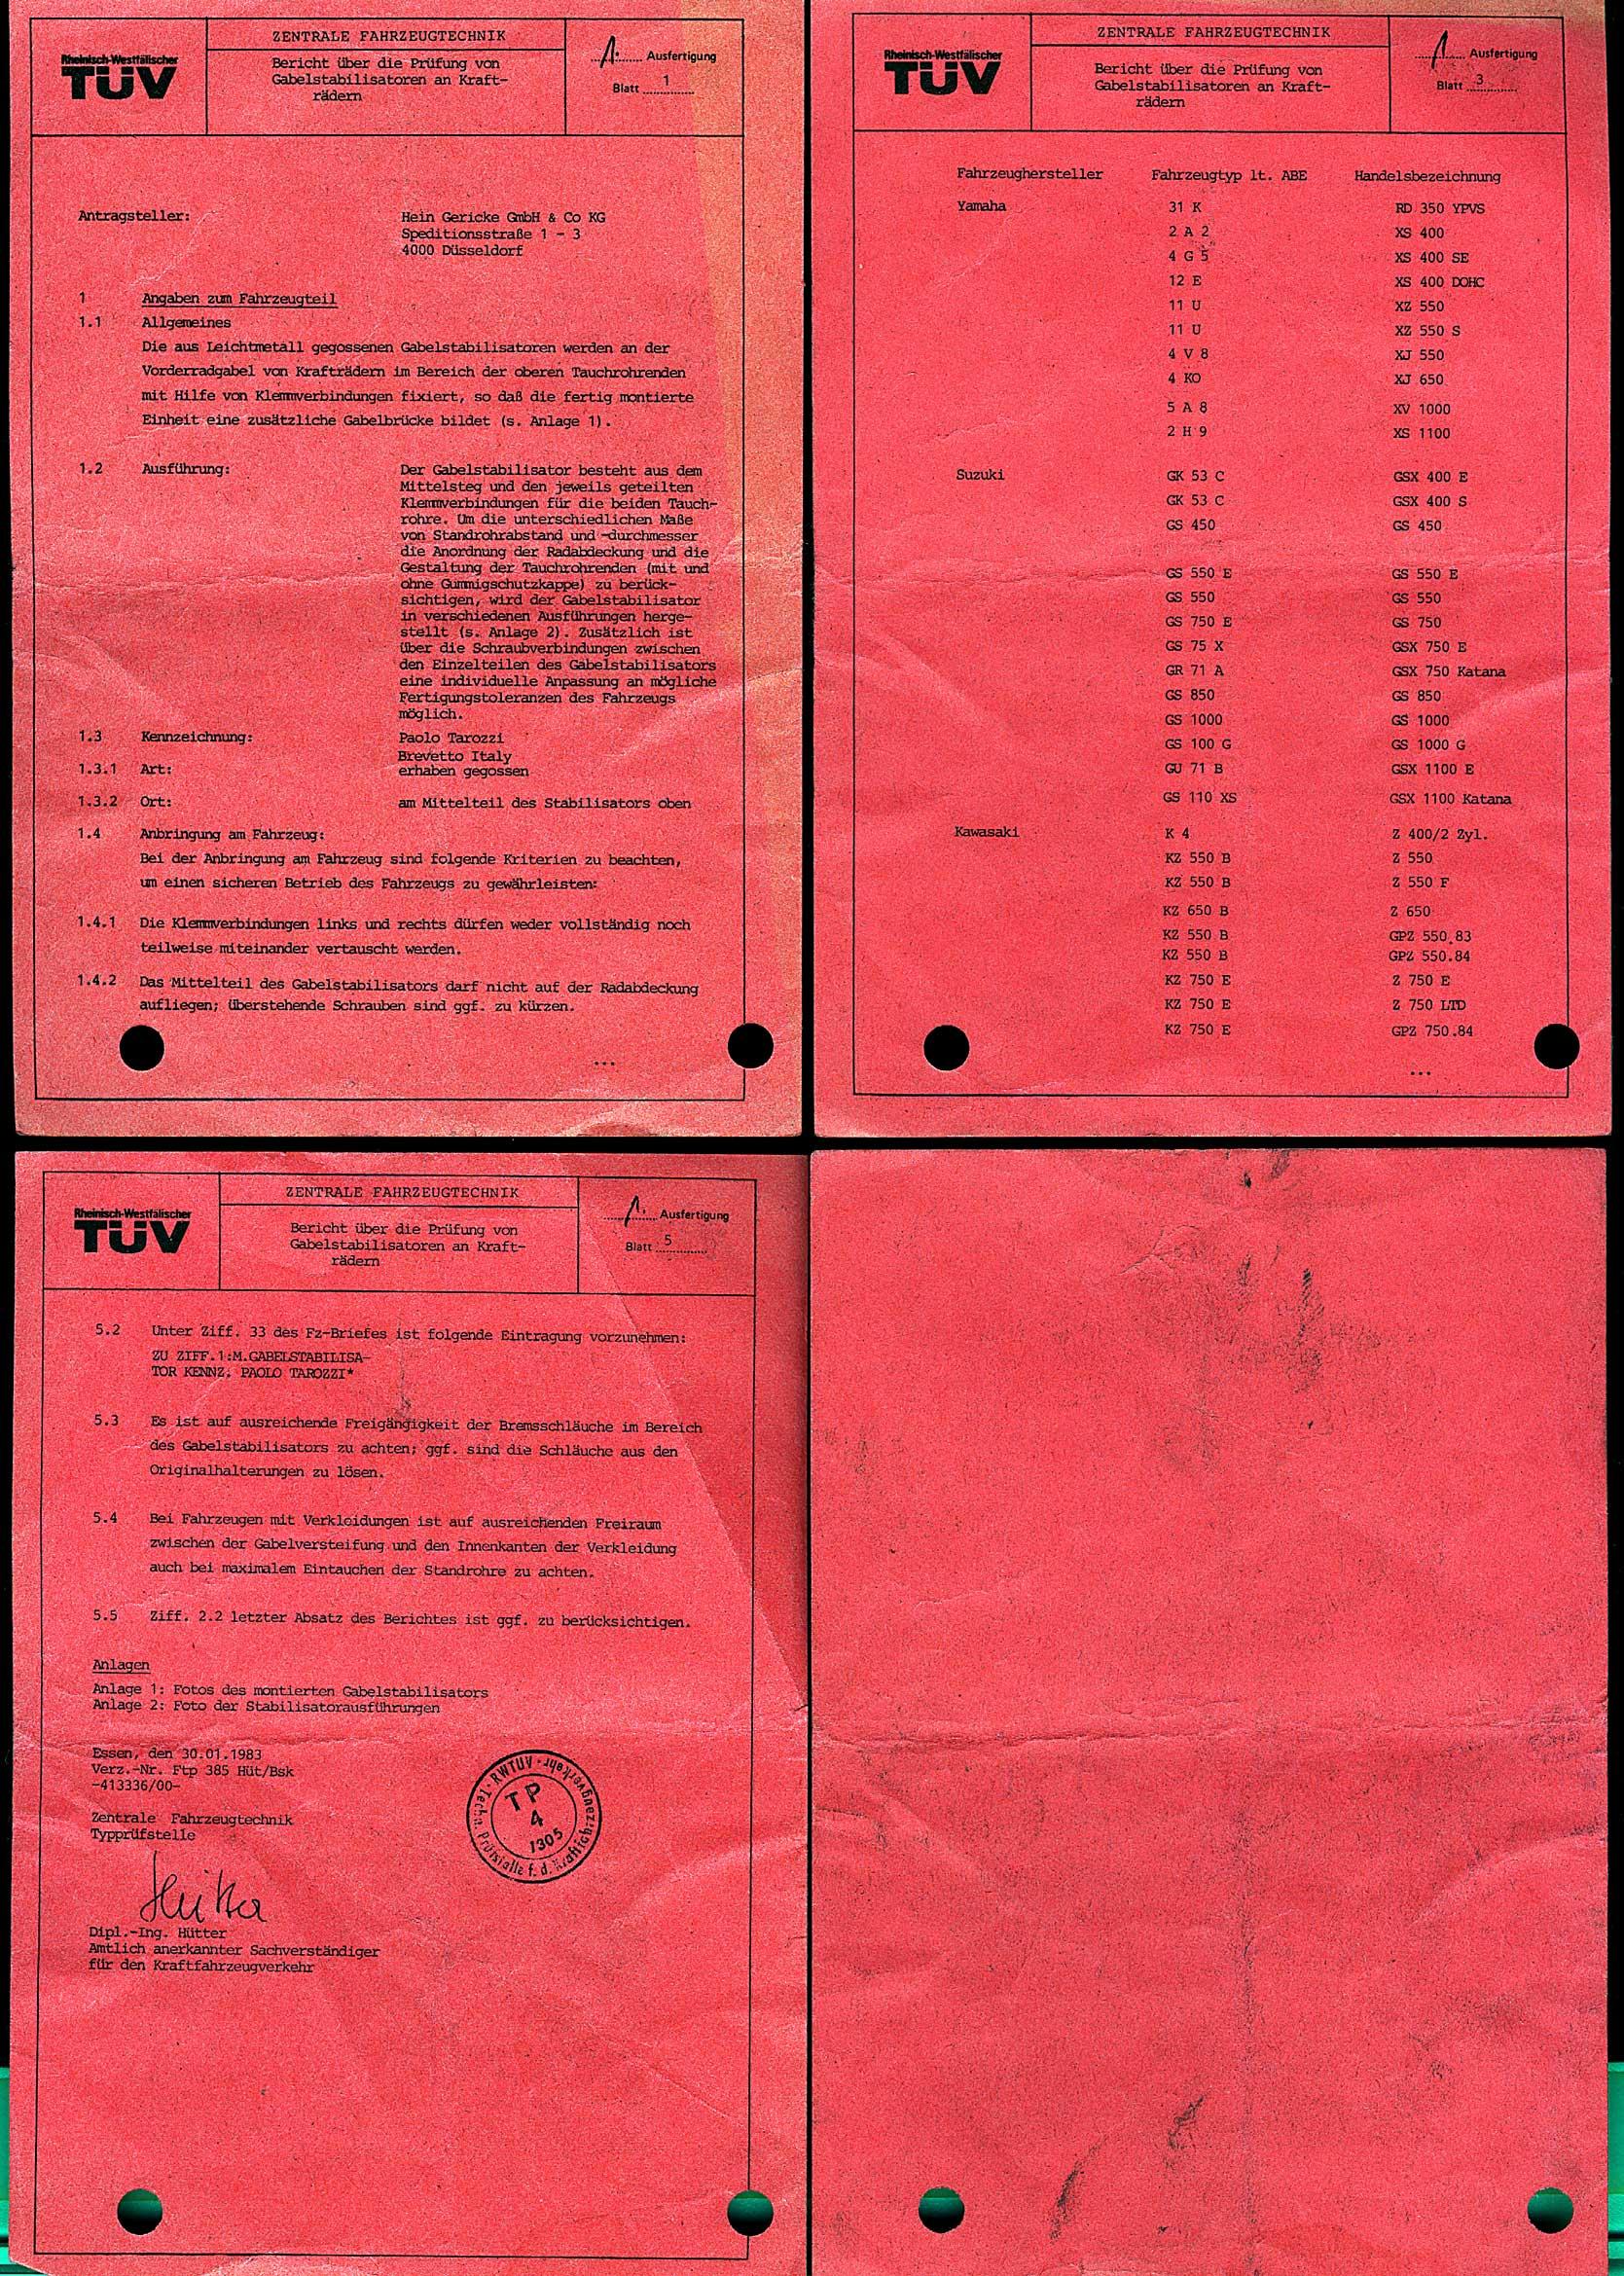 02 09 2012 - 2 part 9